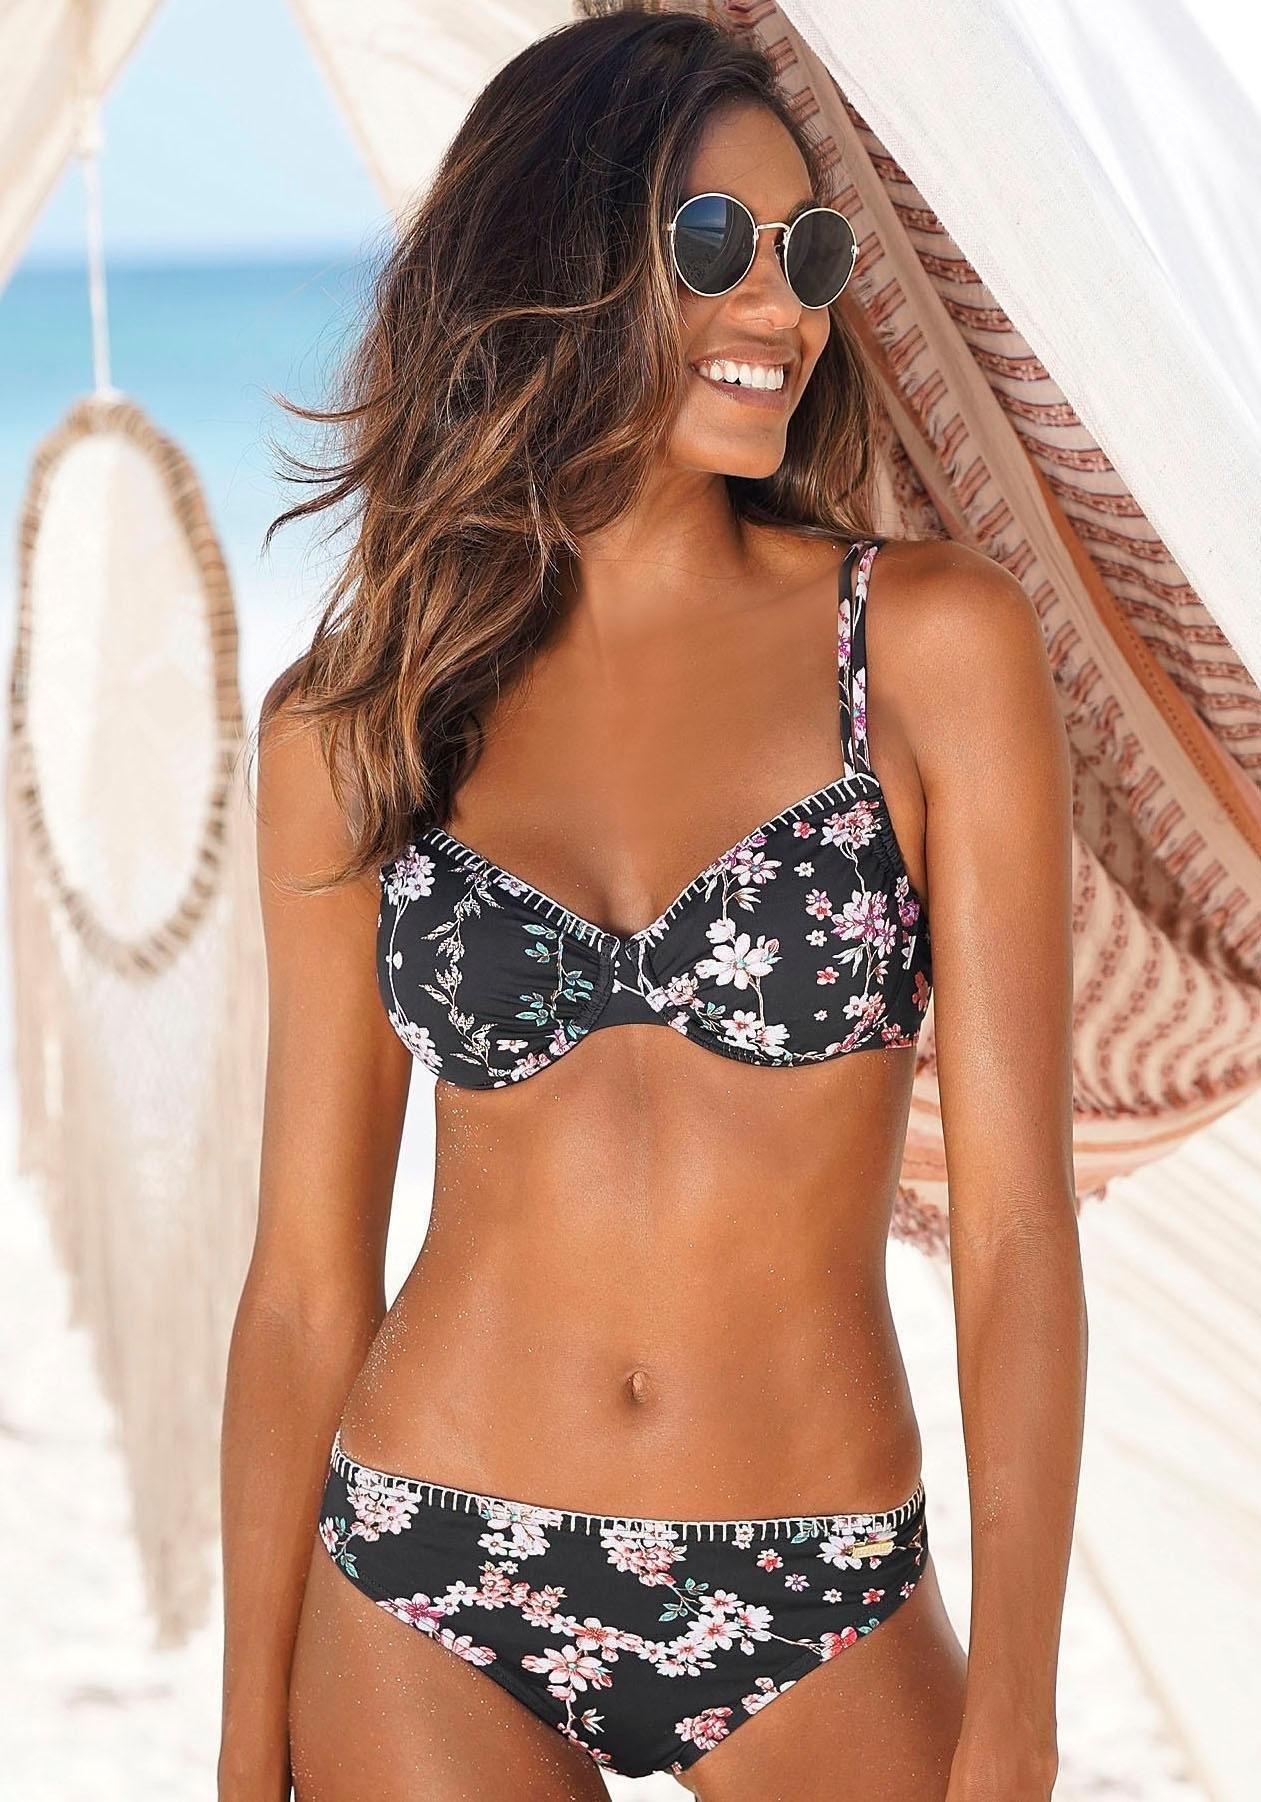 Sunseeker bikinibroekje nu online bestellen